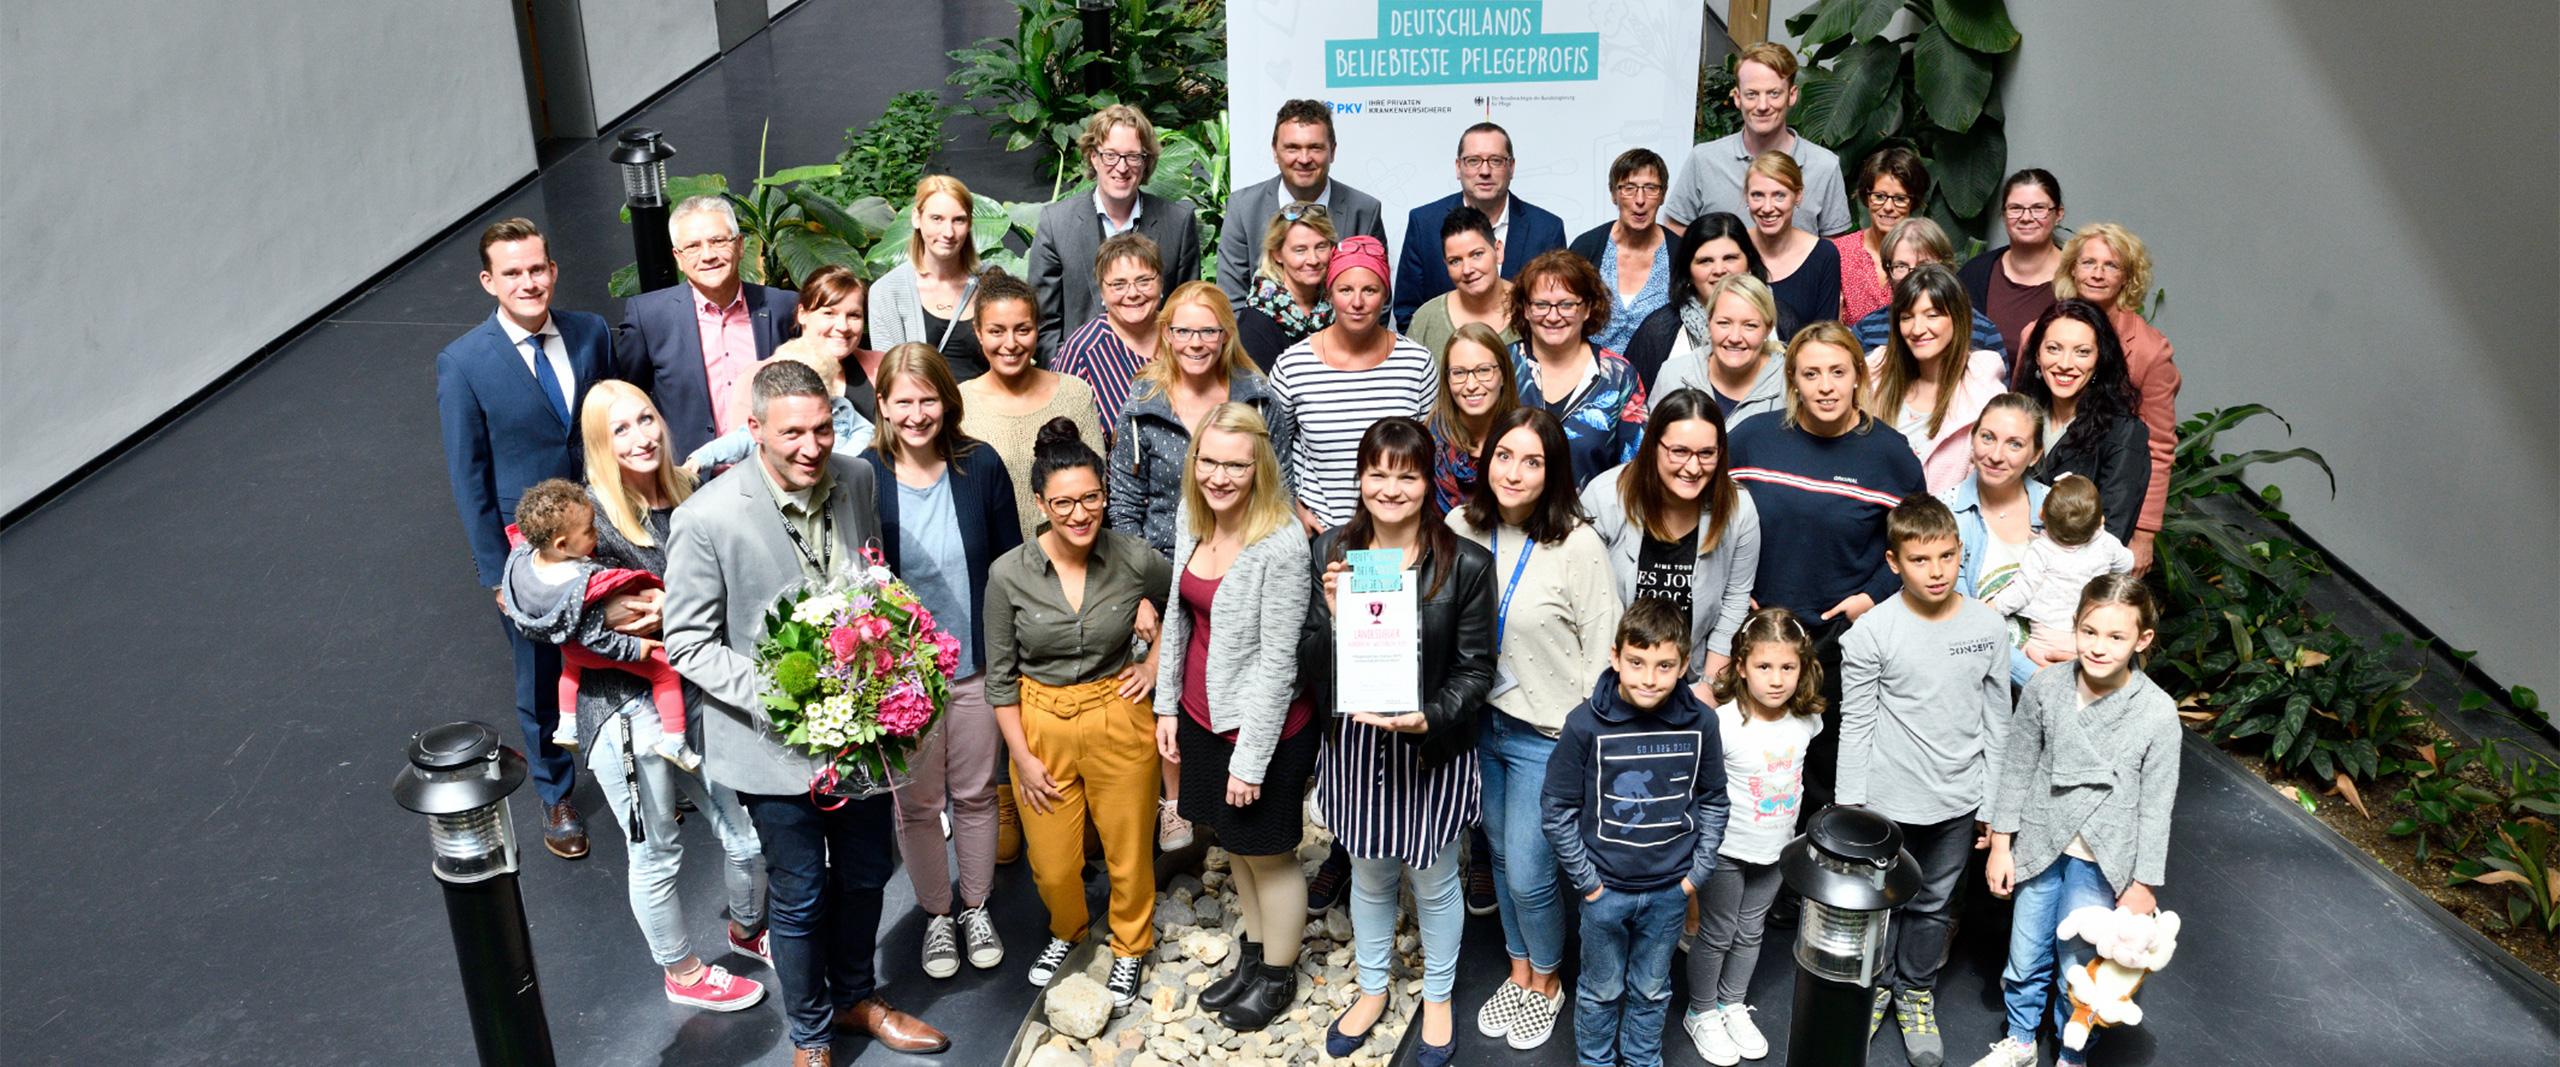 Pflegeteam der Neonatologie am Universitätsklinikum Bonn Landessieger NRW im Wettbewerb Deutschlands beliebteste Pflegeprofis